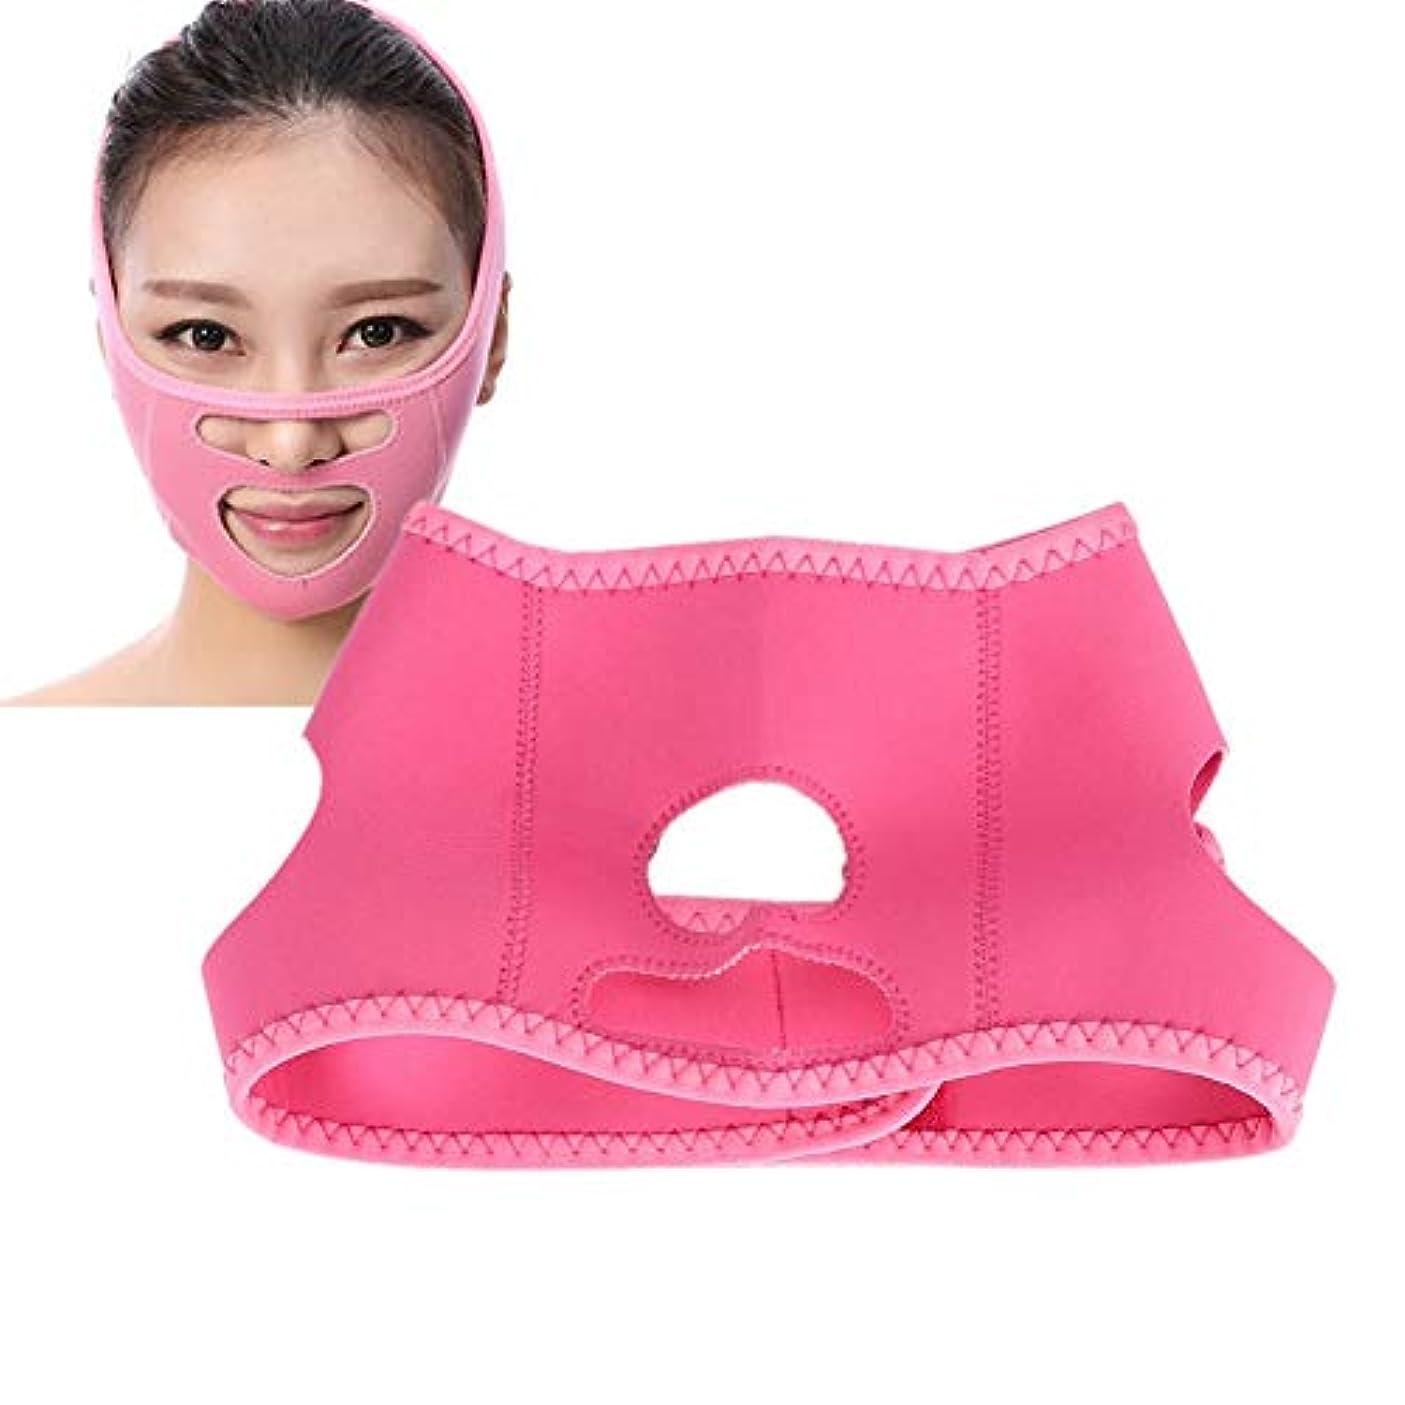 くしゃみタクトトマトフェイスマスク 低反発素材 通気 小顔 矯正 顔痩せ 筋肉弛緩 二重あご 補正ベルト